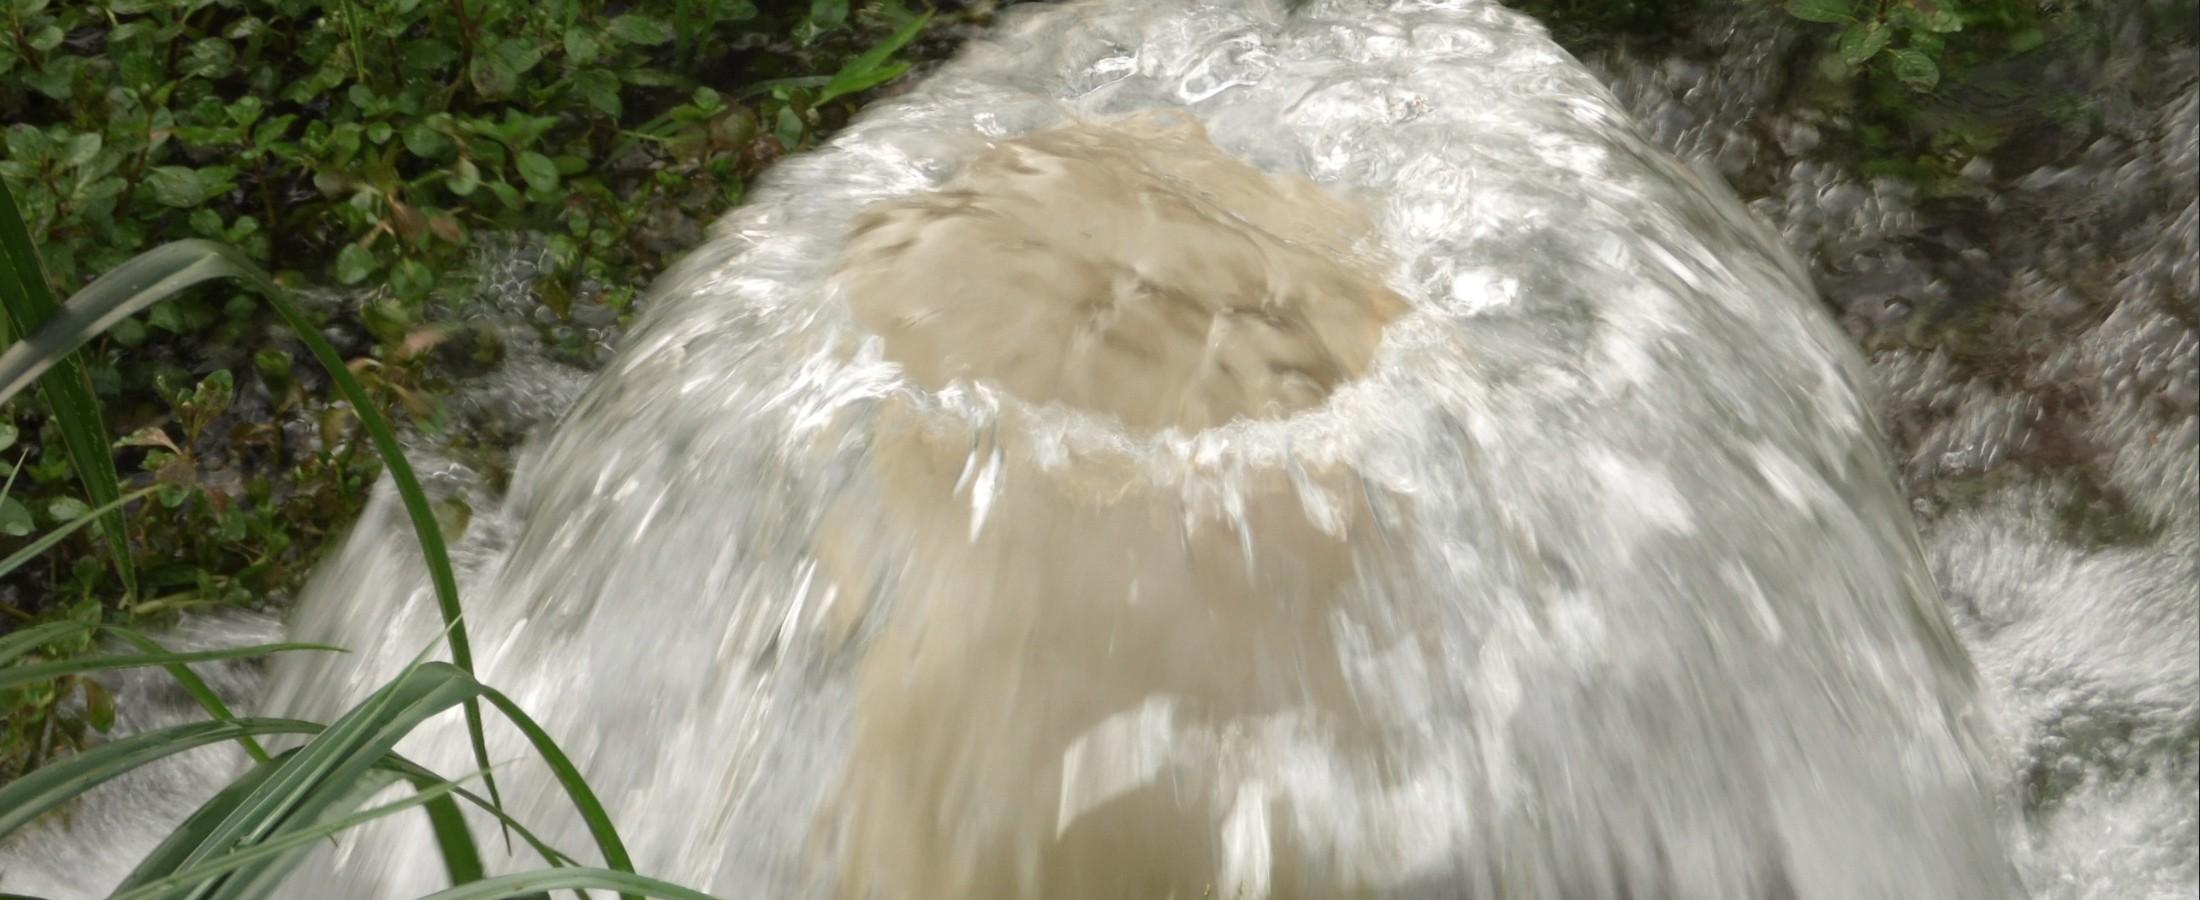 Outorga de Uso da Água